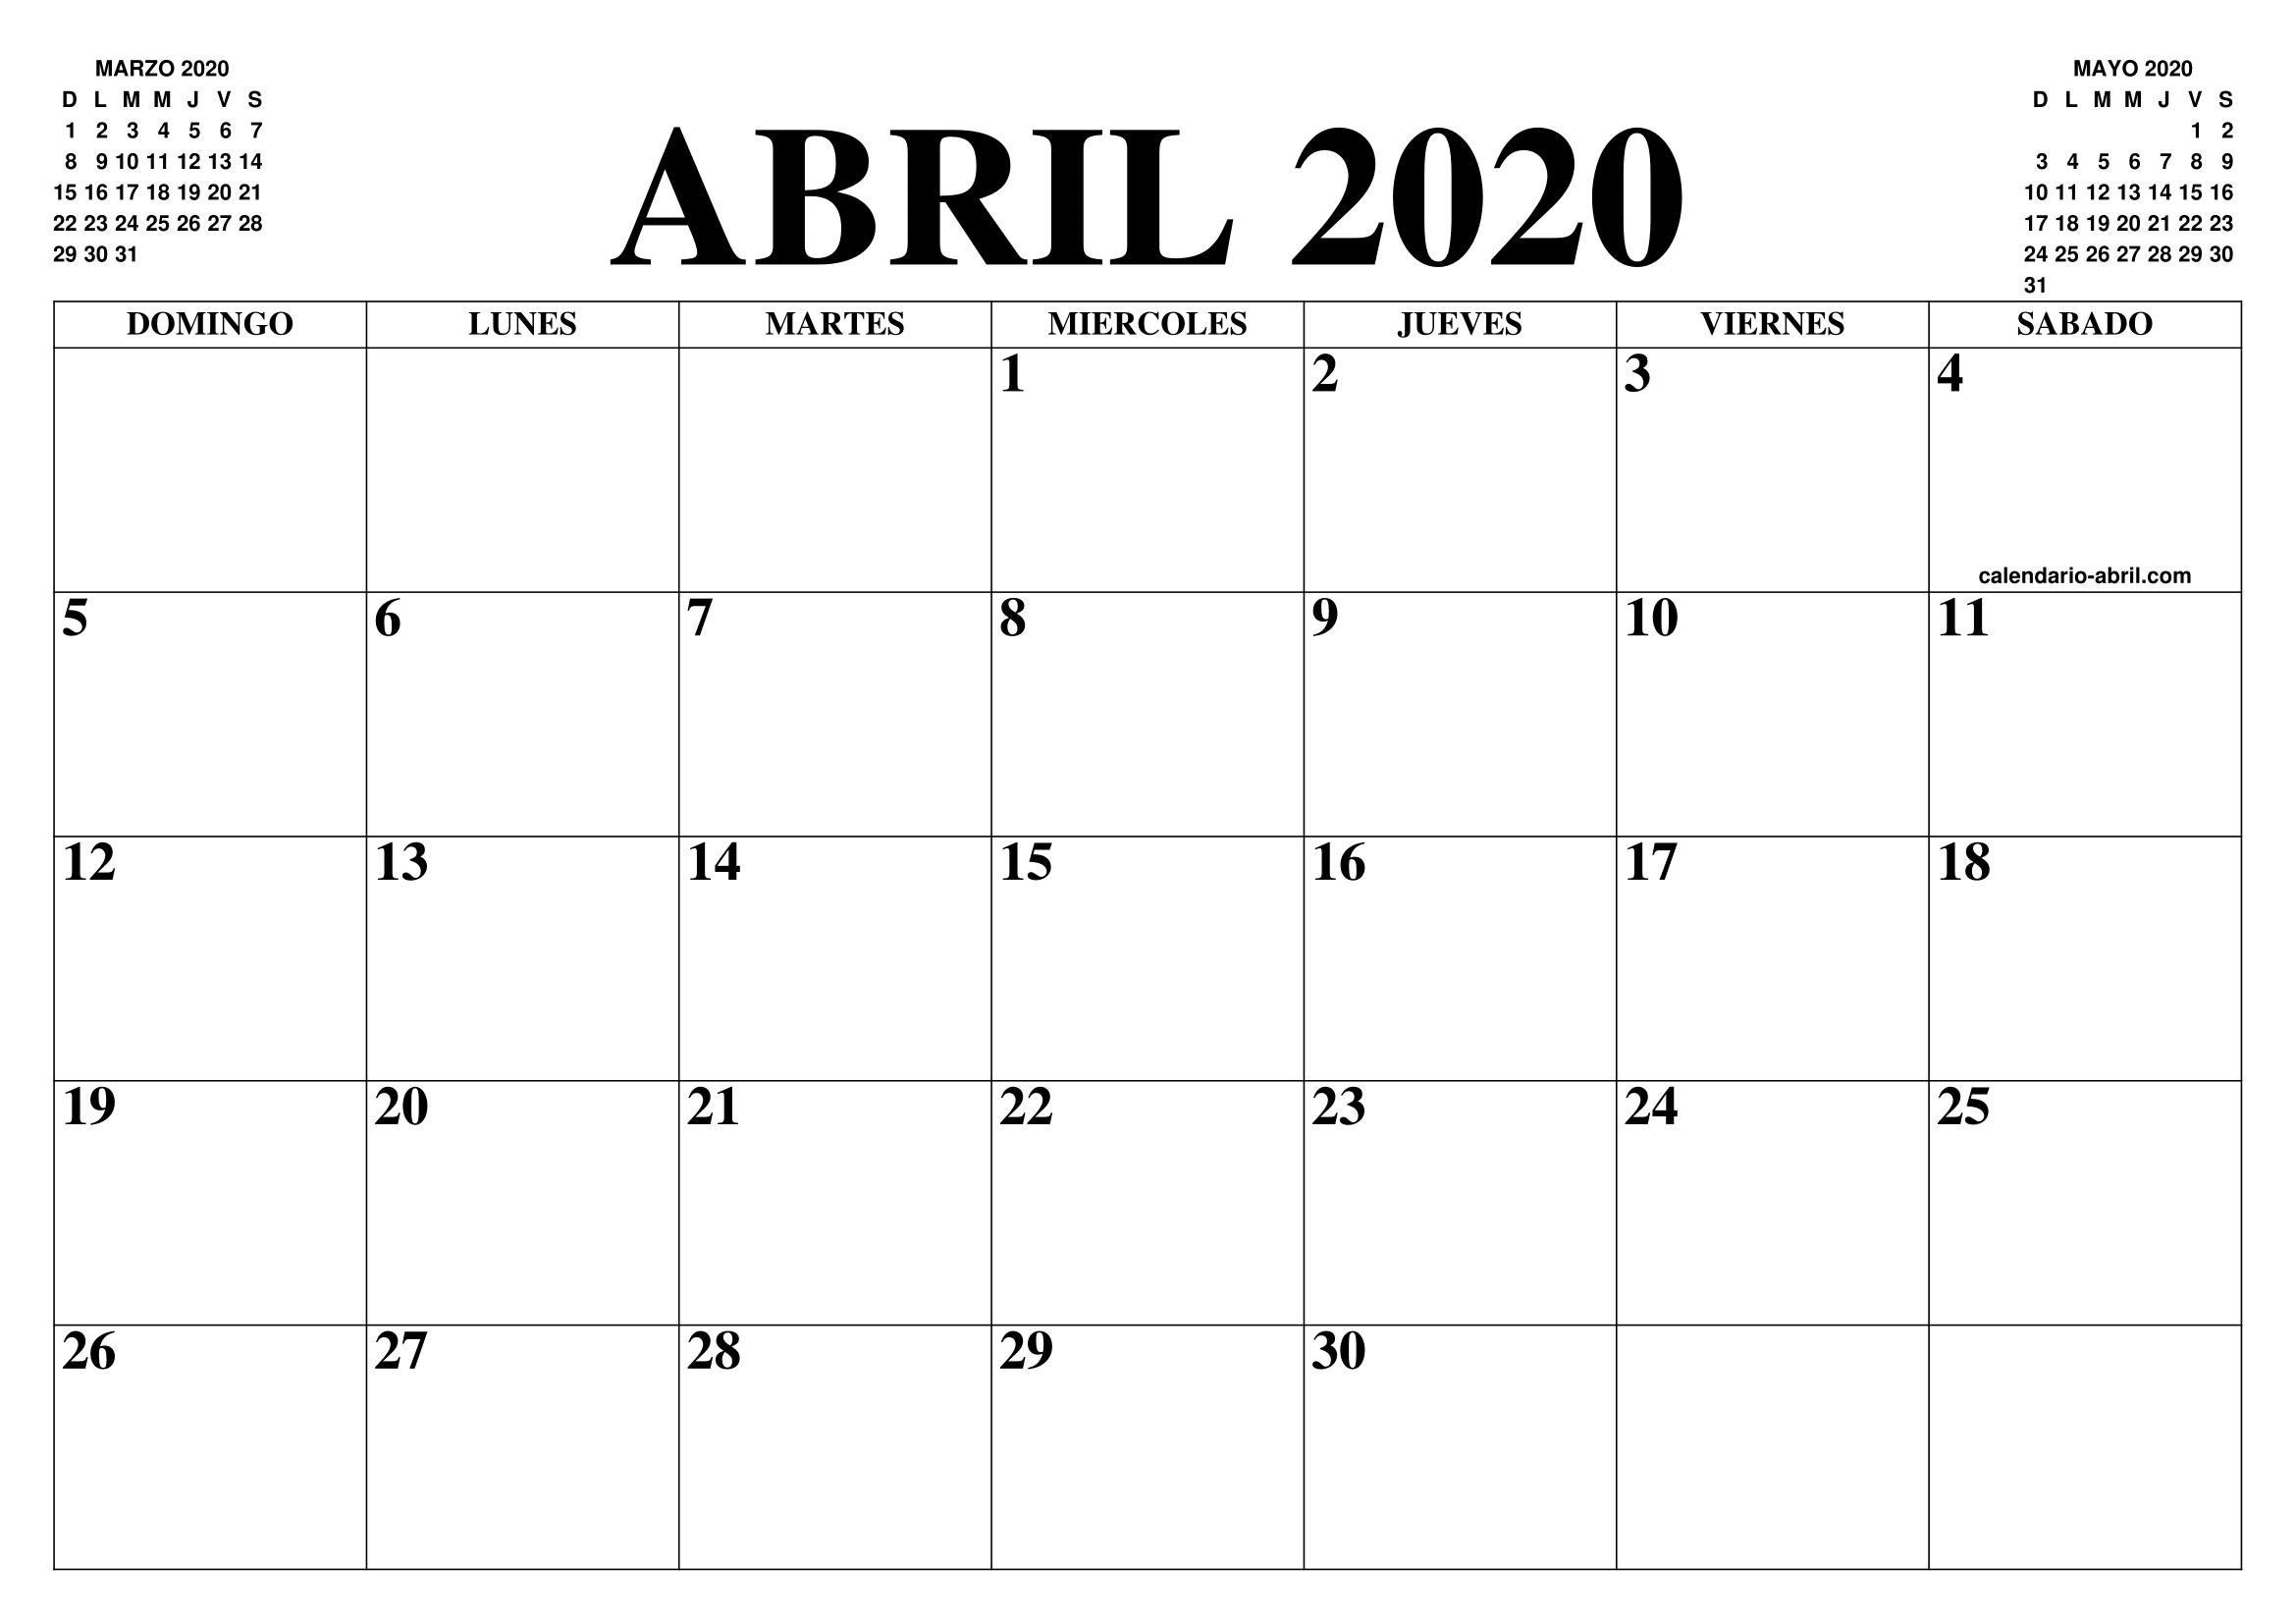 Calendario 2020 Marzo Abril.Calendario Abril 2020 El Calendario Abril Para Imprimir